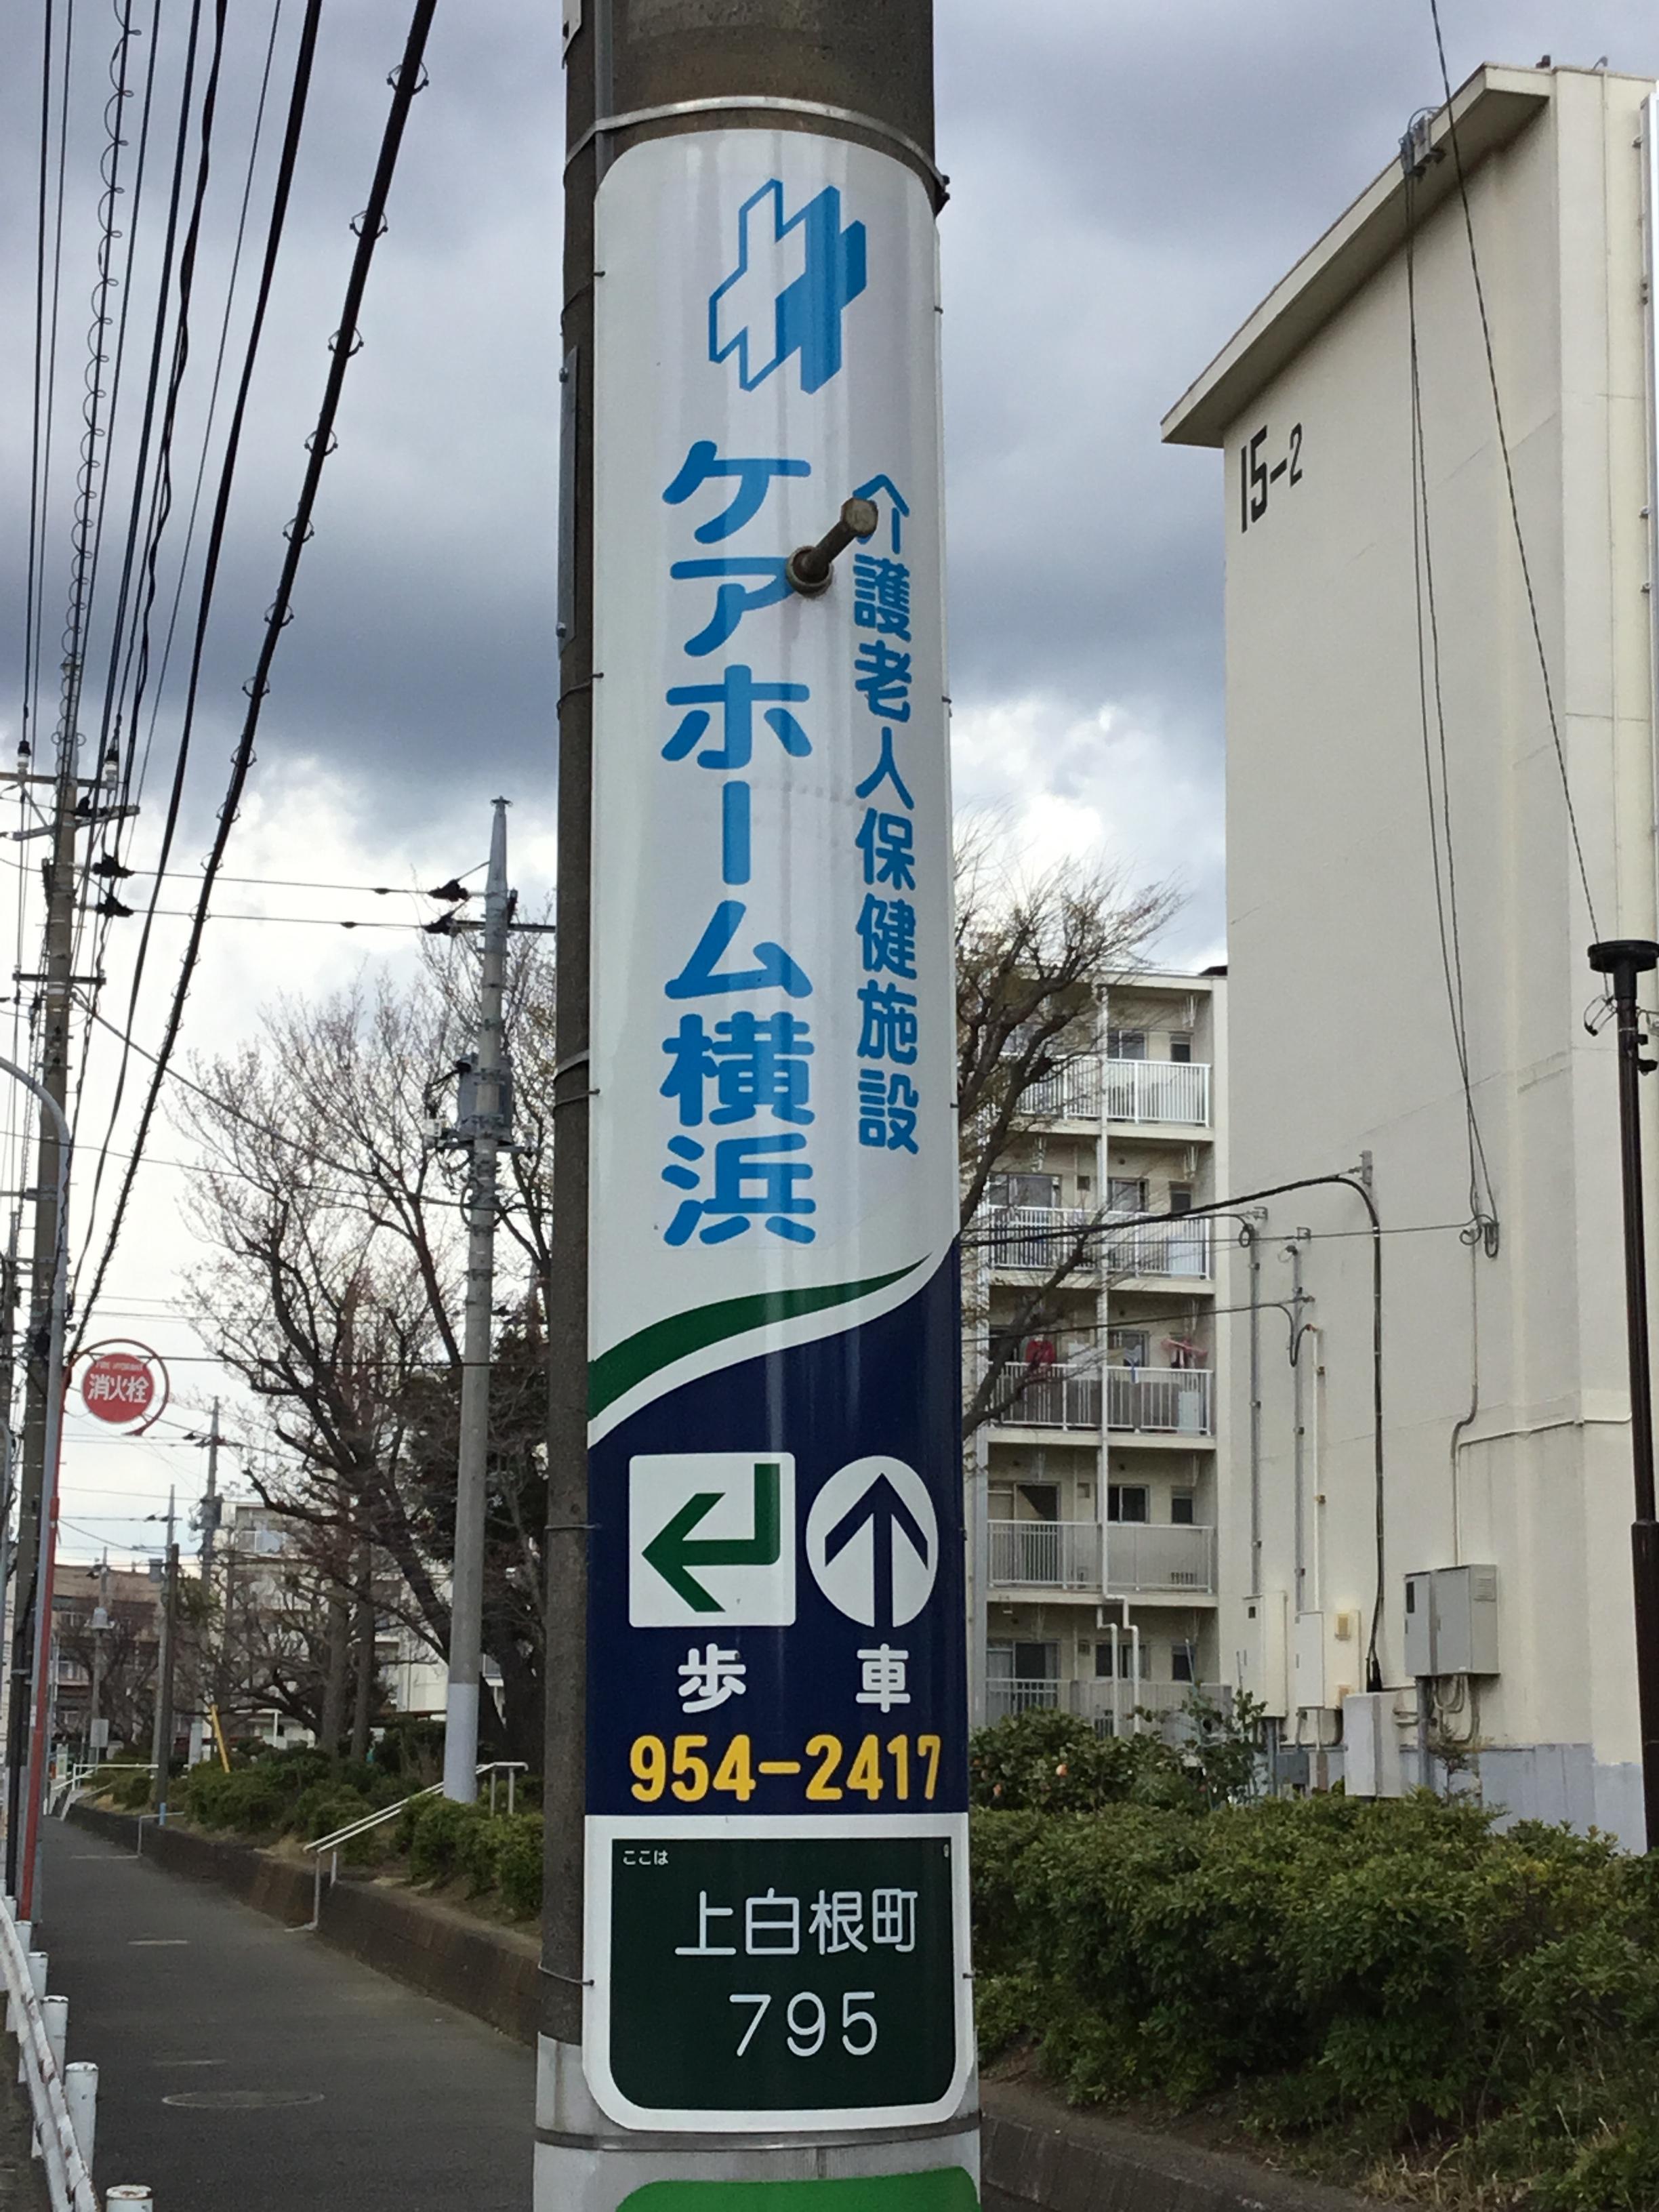 ケアホーム横浜 様